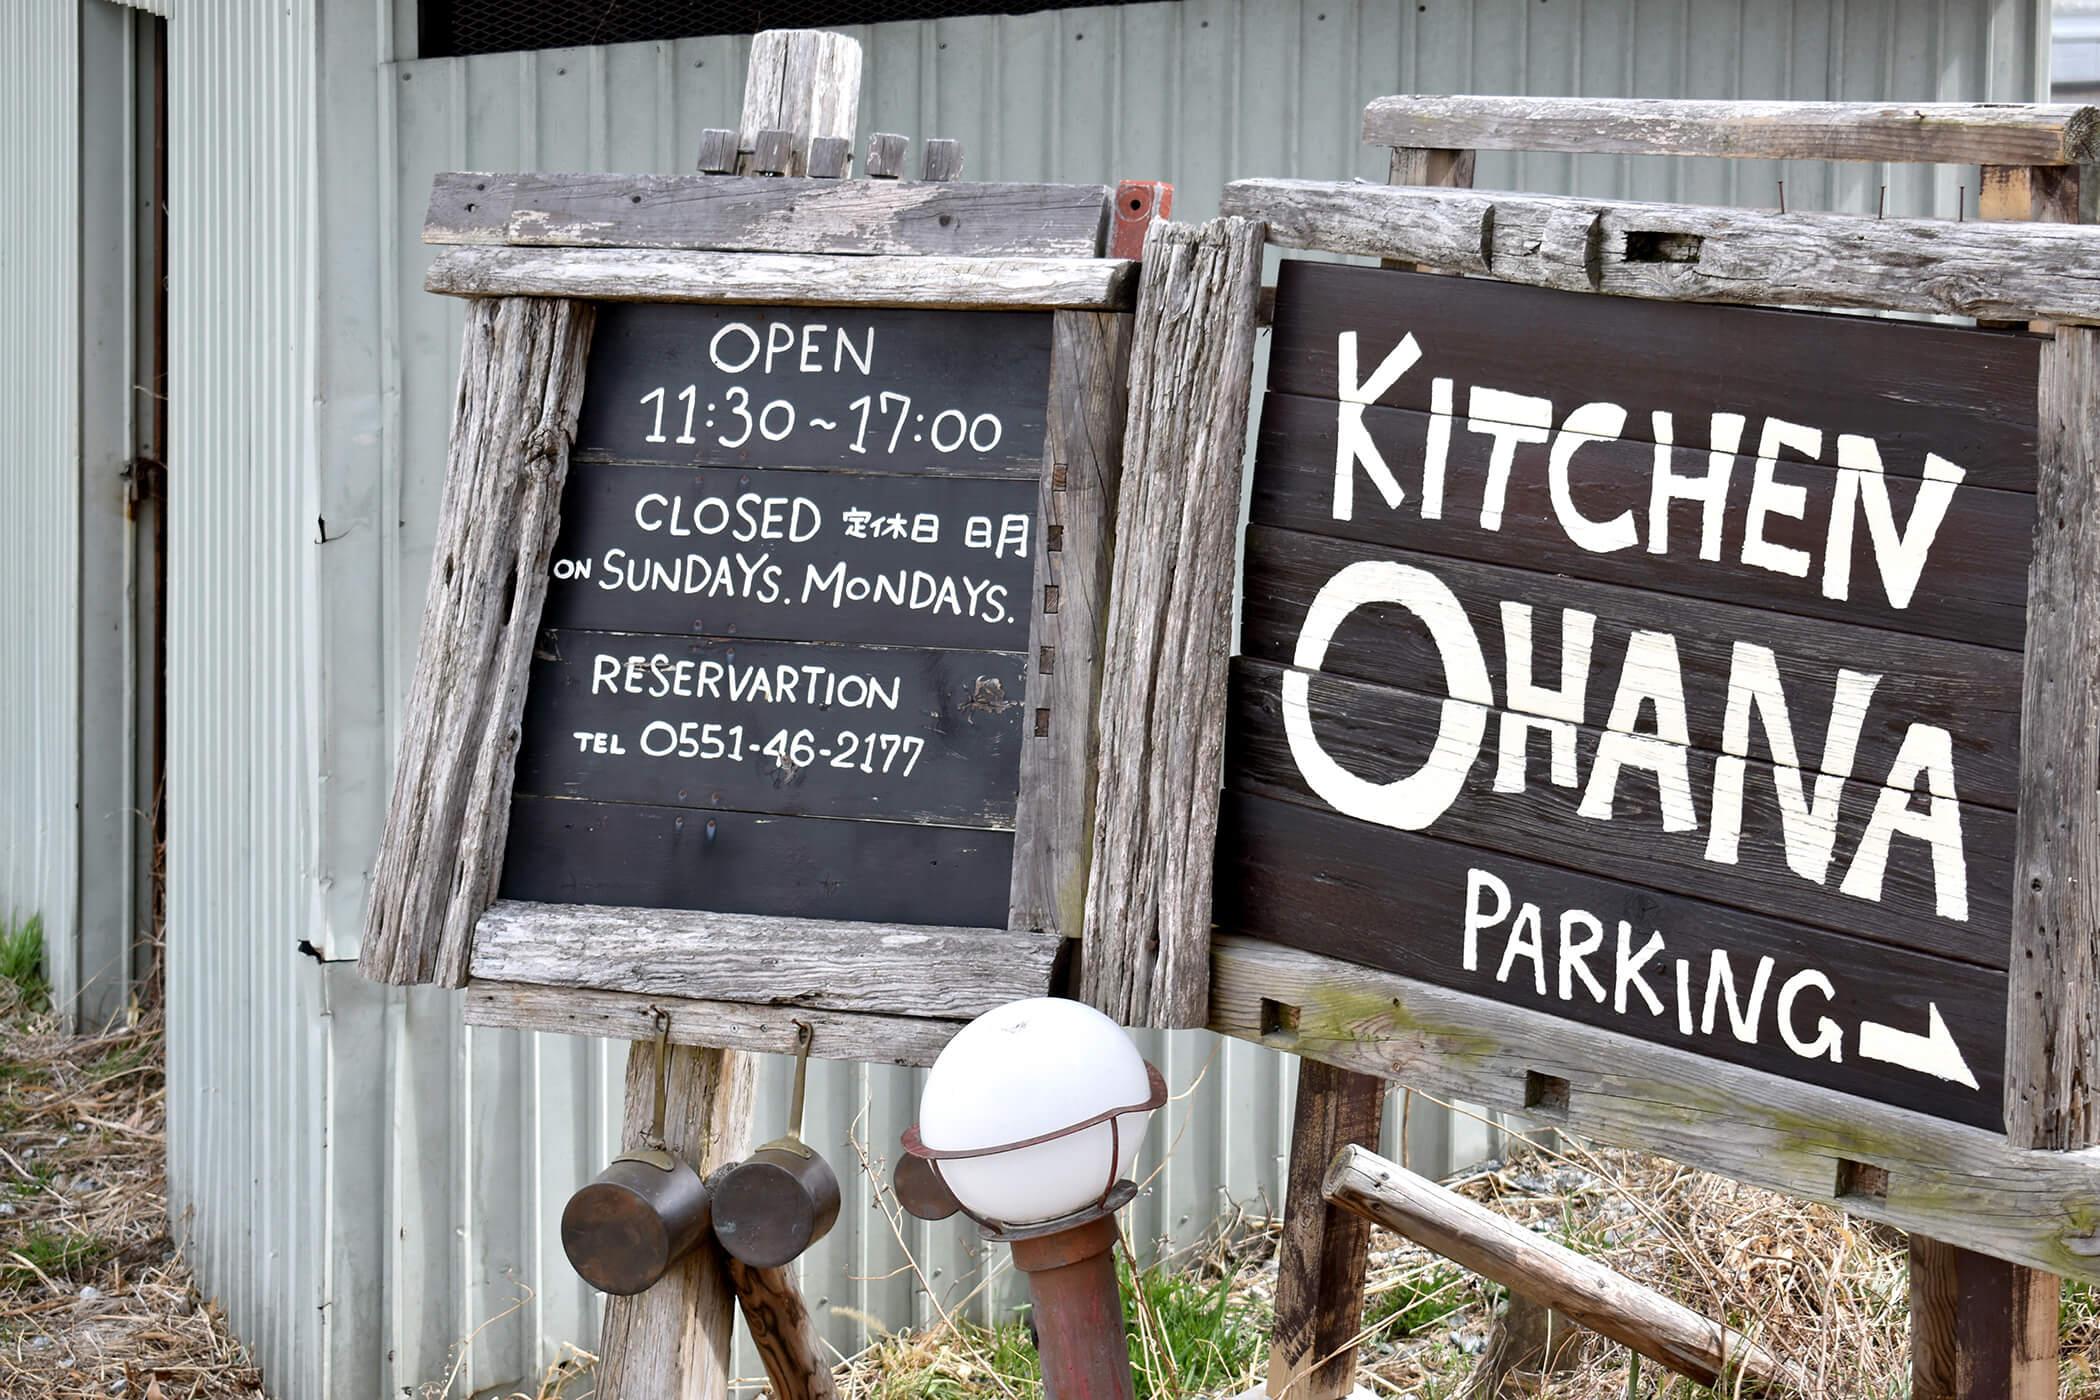 キッチンオハナ 写真4